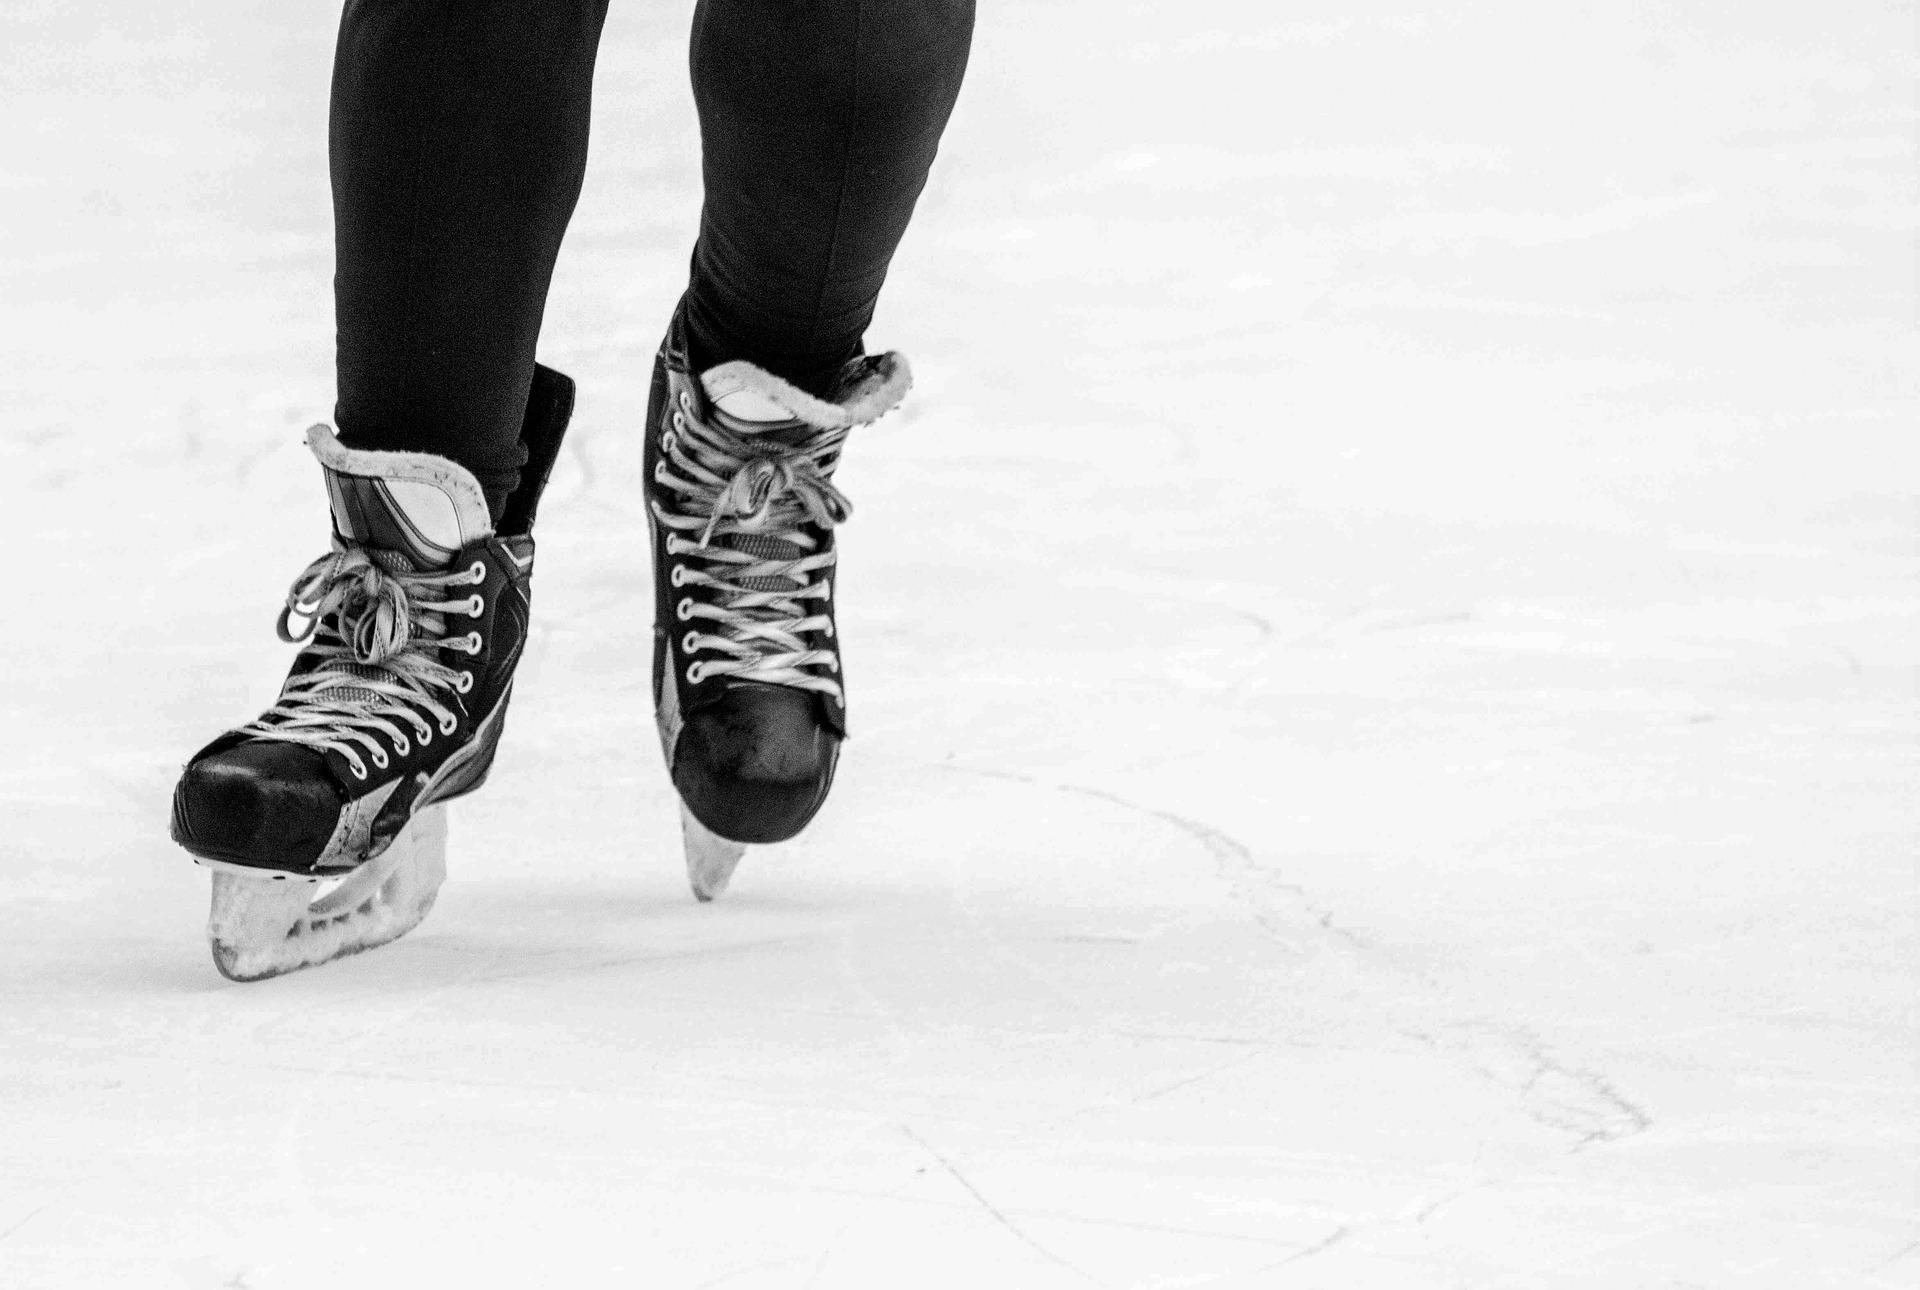 photo de deux pieds chaussés de patins noirs sur la glace extérieure